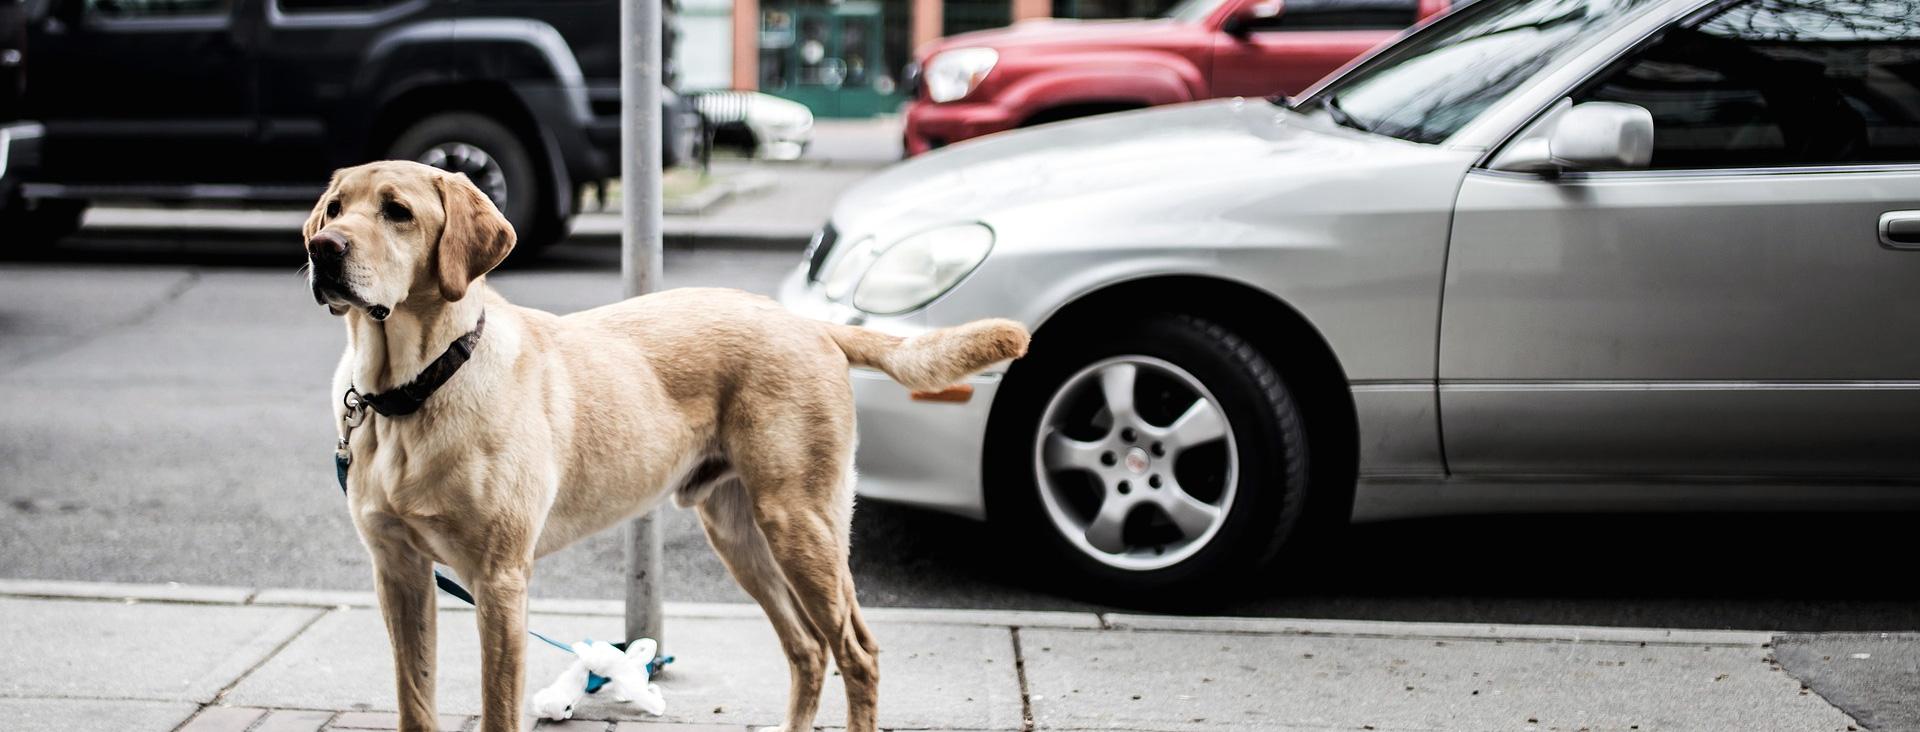 Perro vigilando el coche